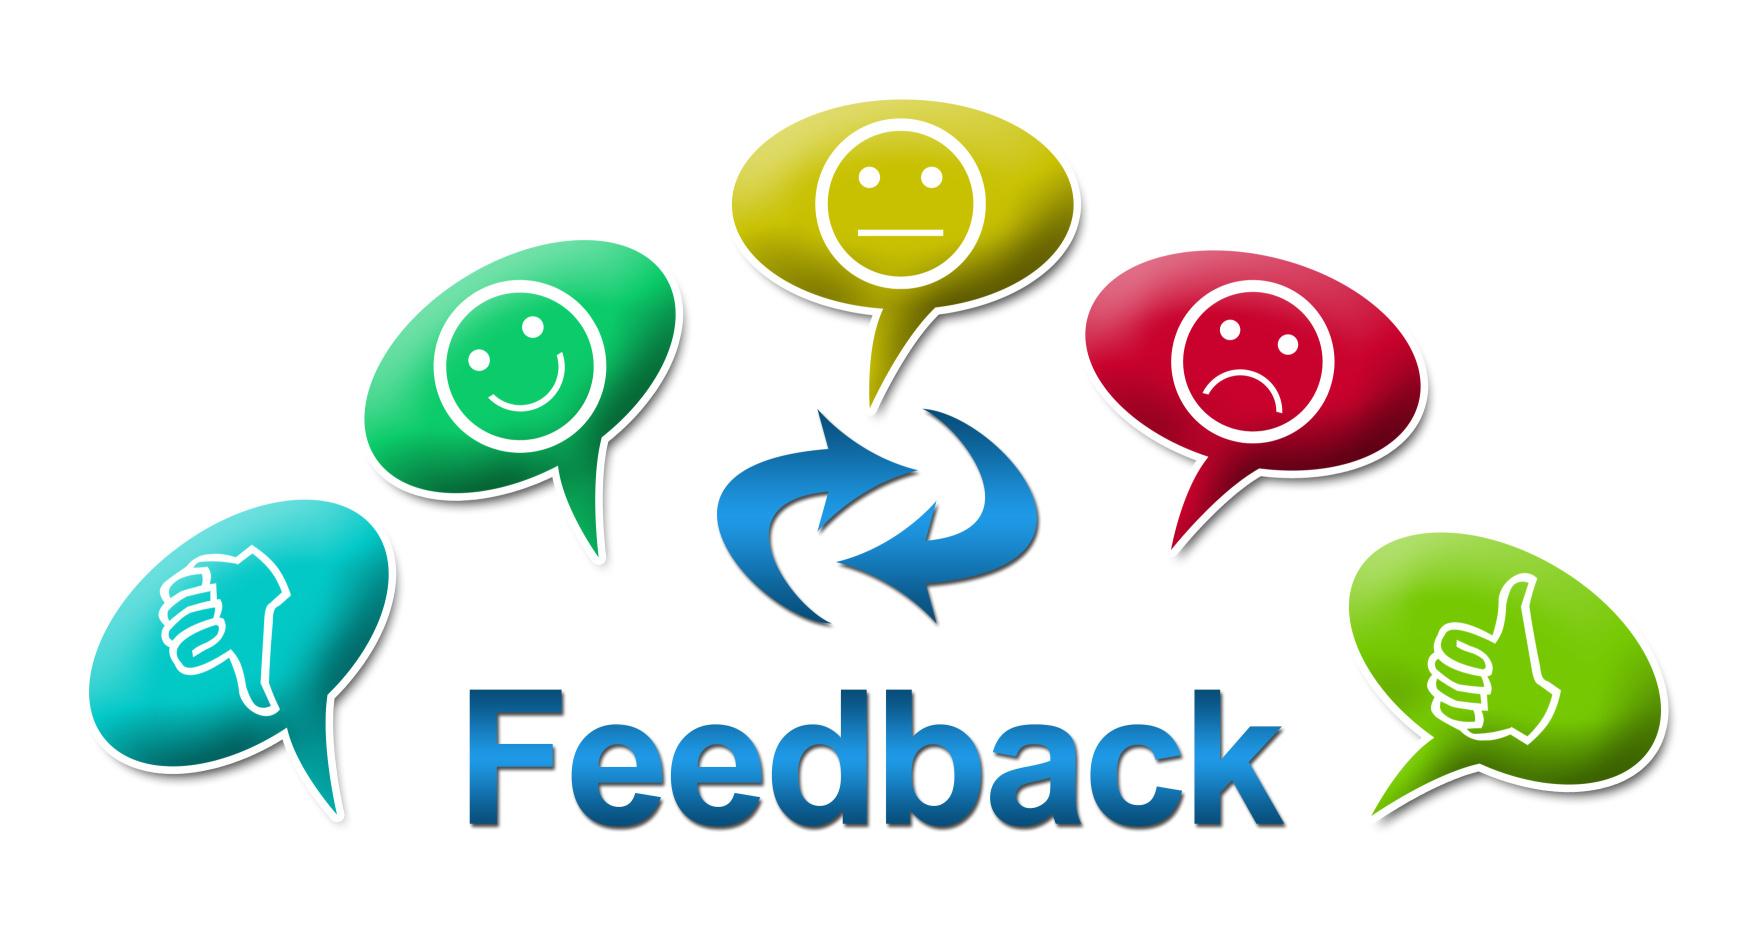 Cách khai thác Review của khách hàng hiệu quả